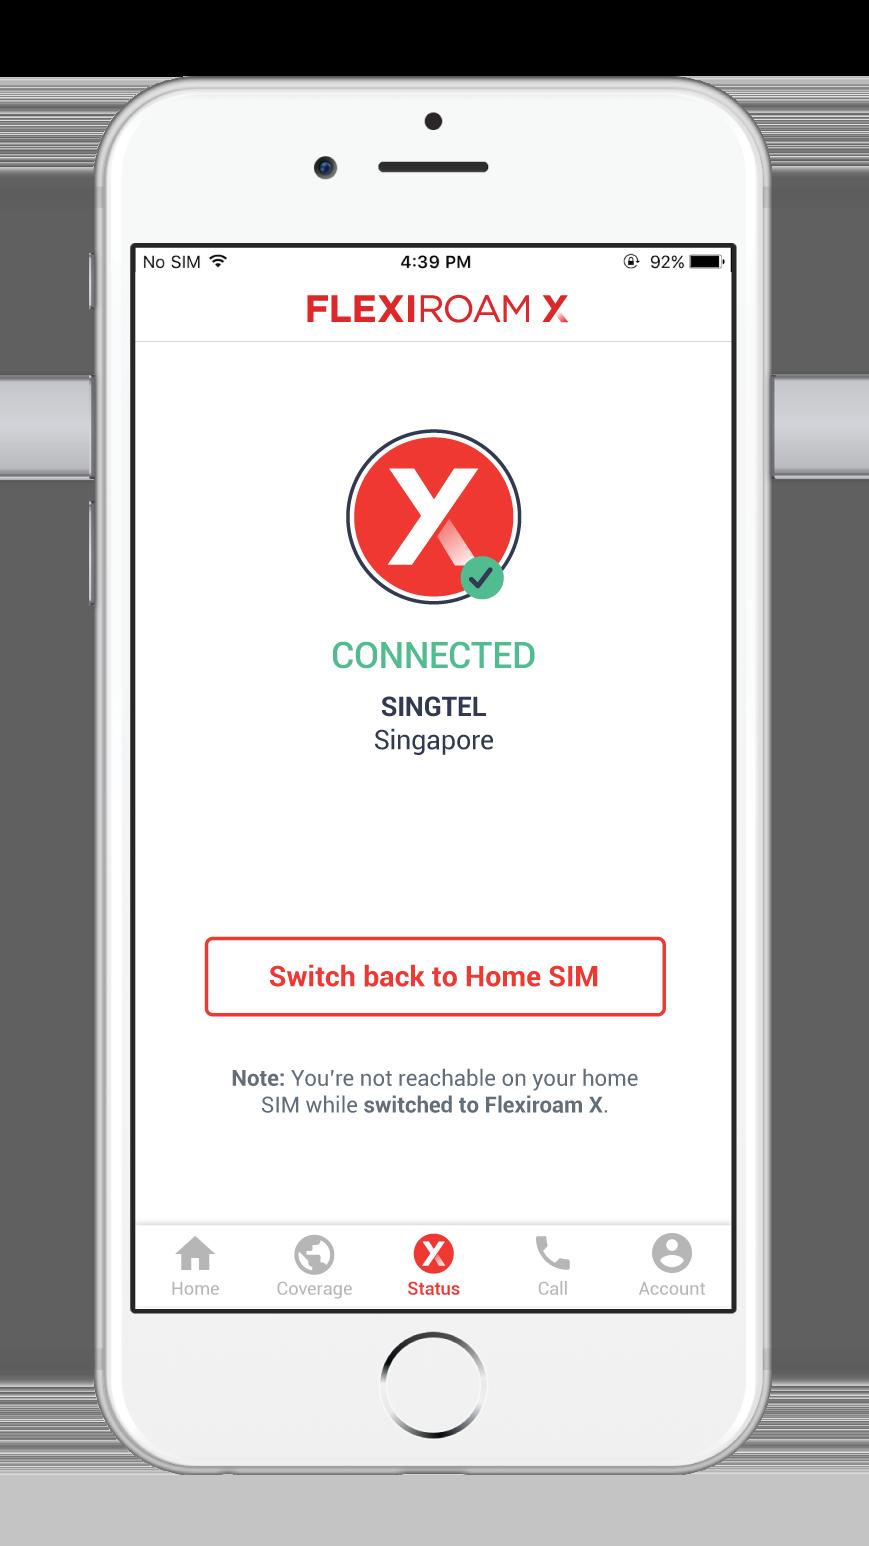 Flexiroam X - Connected Screen